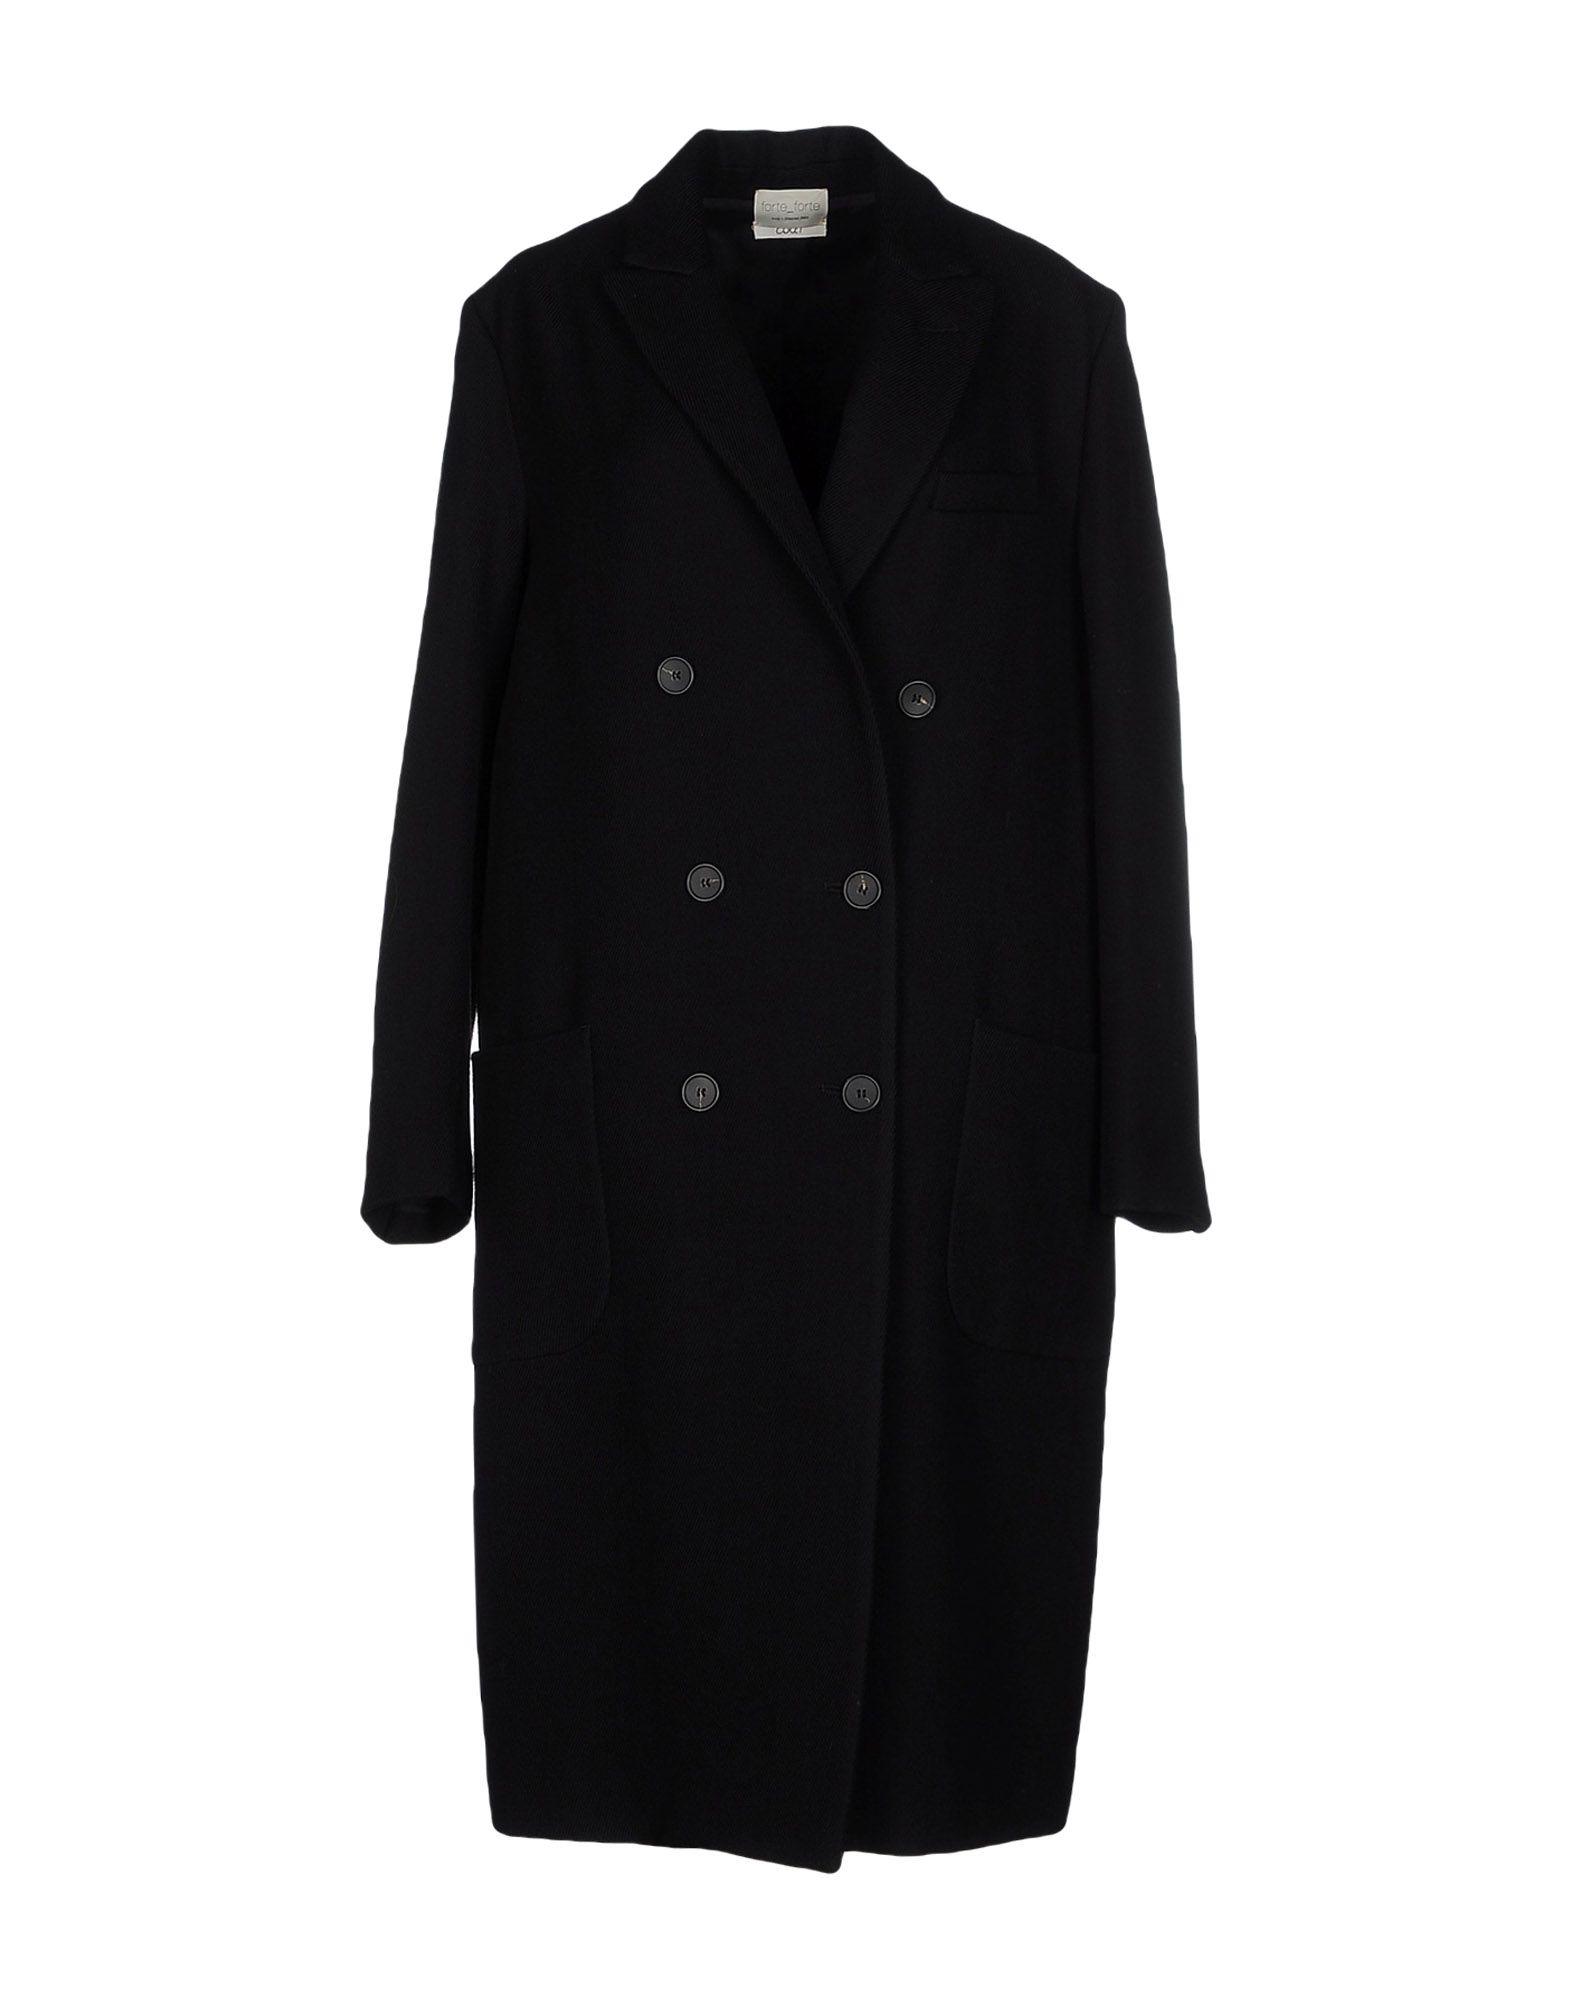 Manteau long forte_forte femme. noir. 36 - 38 -...